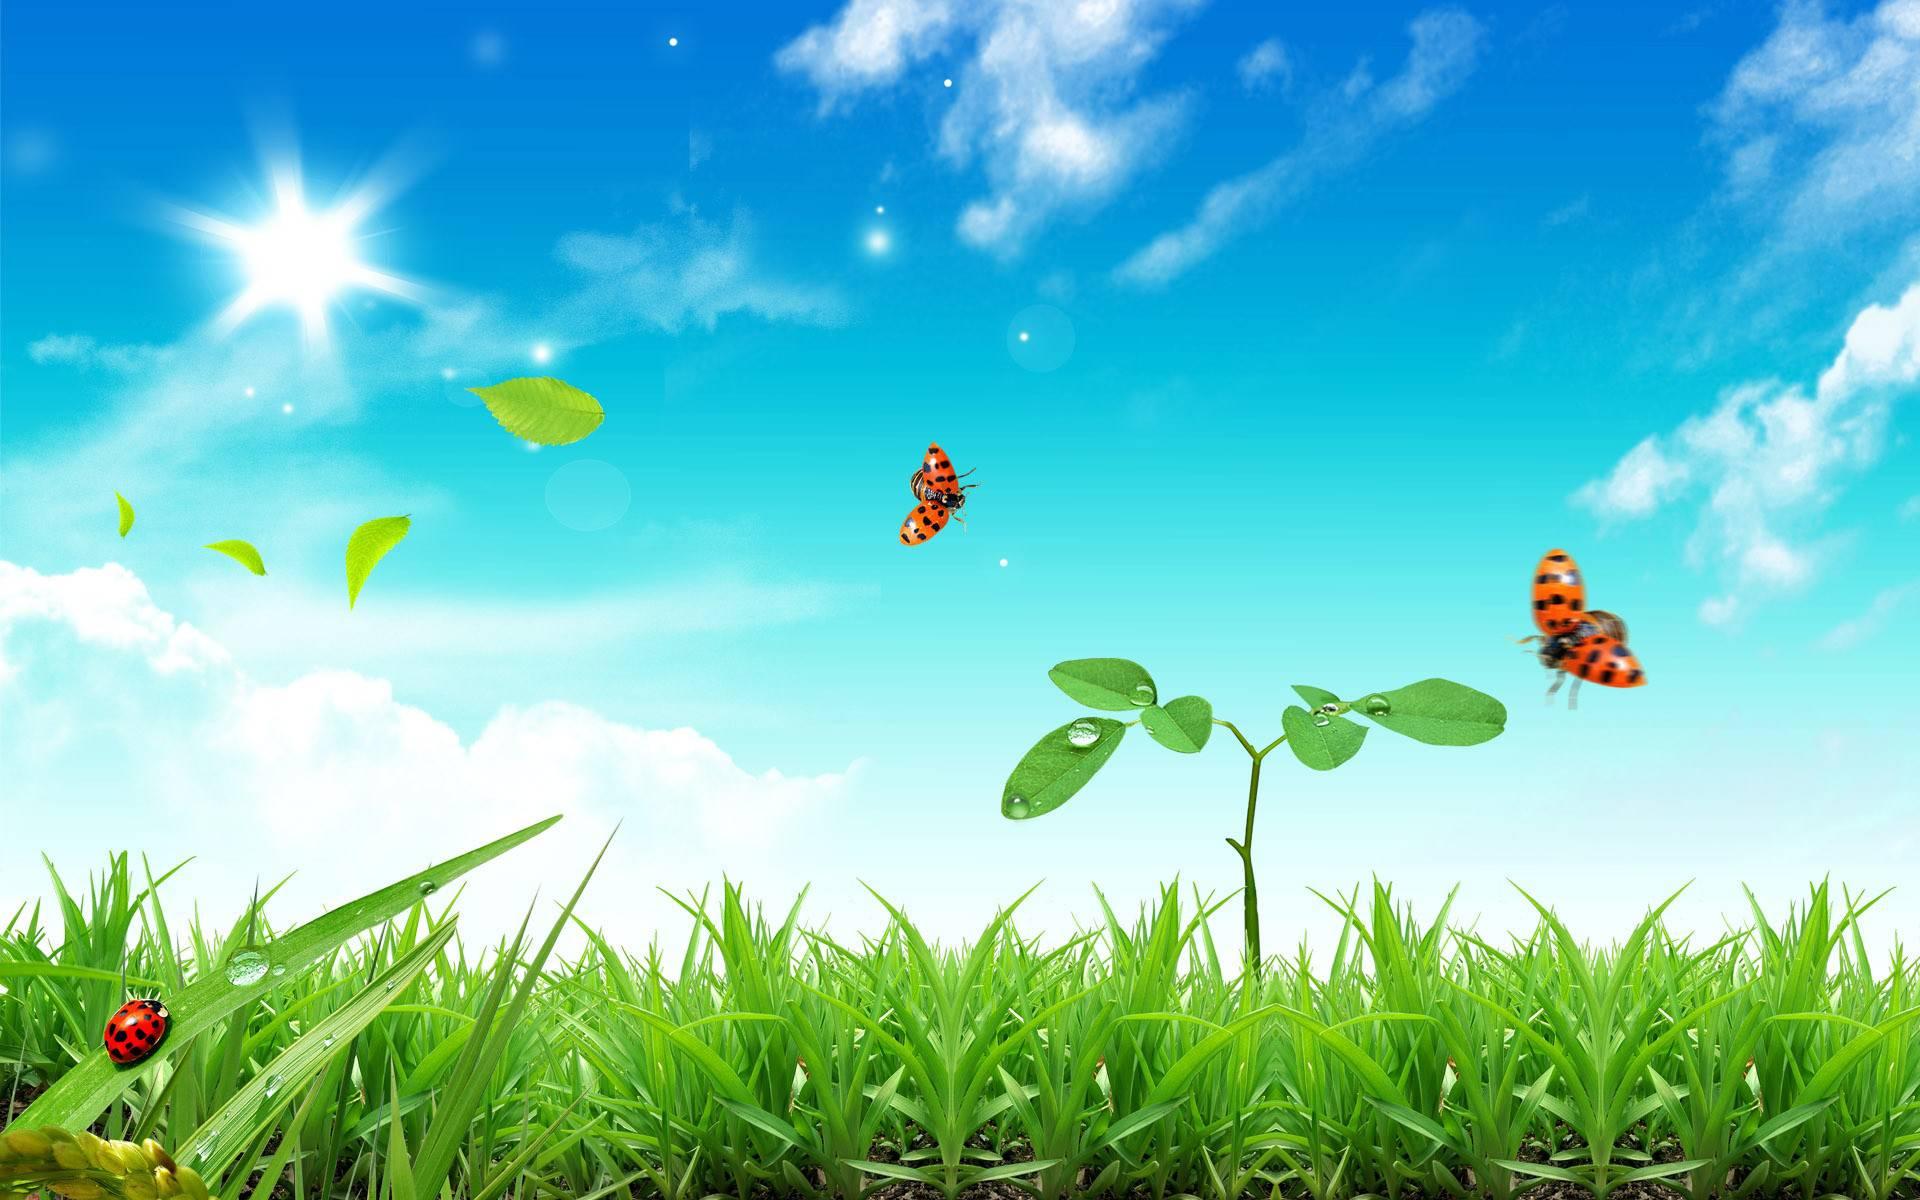 ... Next Wallpaper : nature grass bugs photomanipulation wallpaper